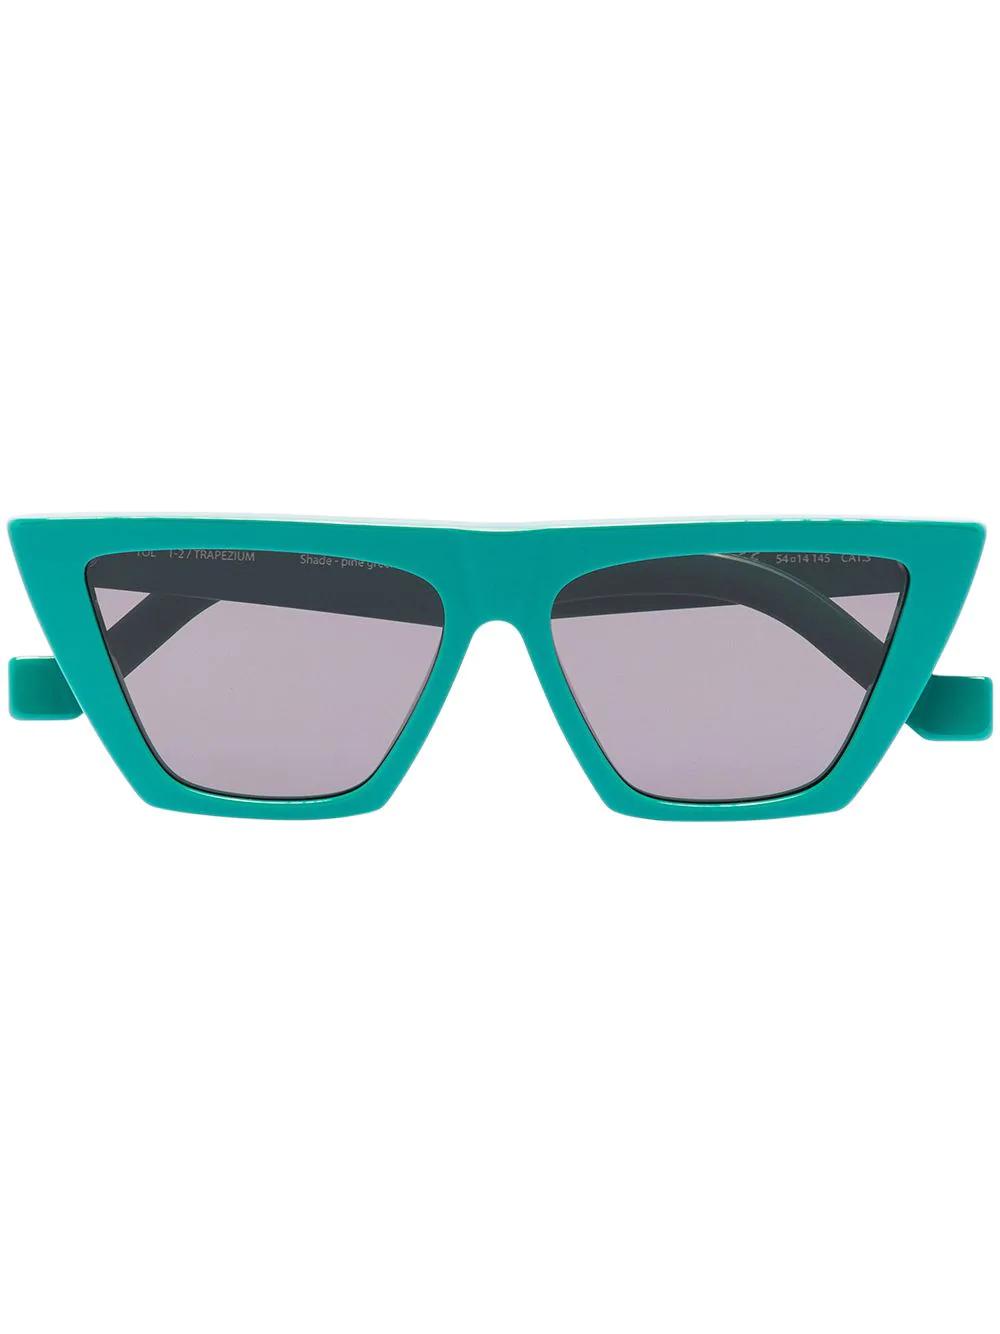 TOL Eyewear 561лв